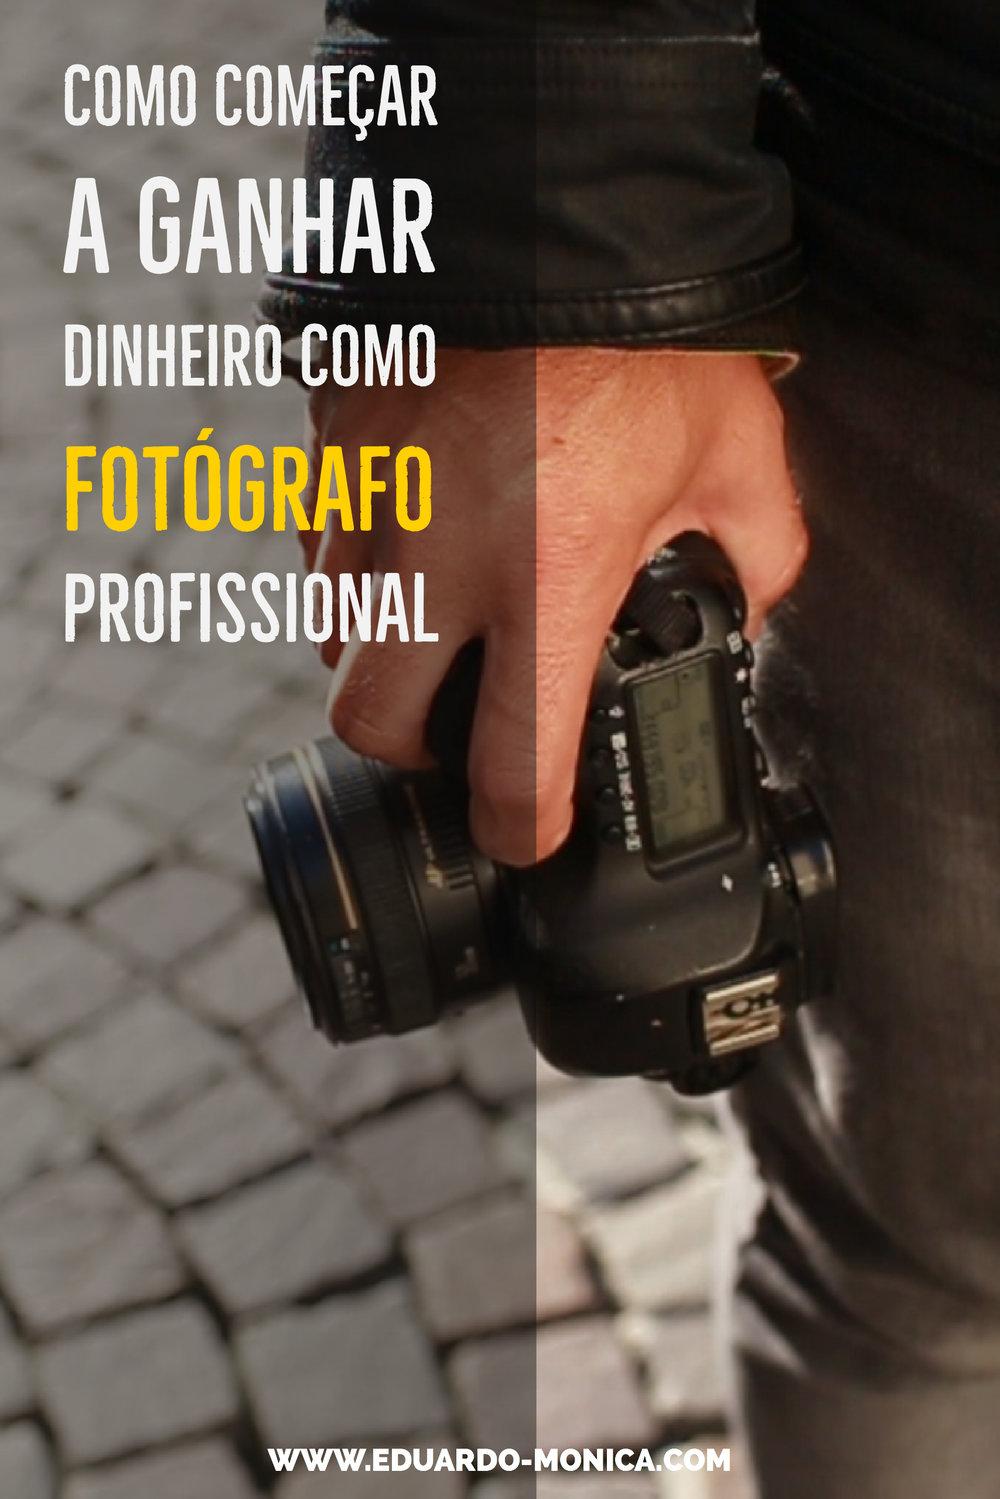 Como Começar a Ganhar Dinheiro como Fotógrafo Profissional